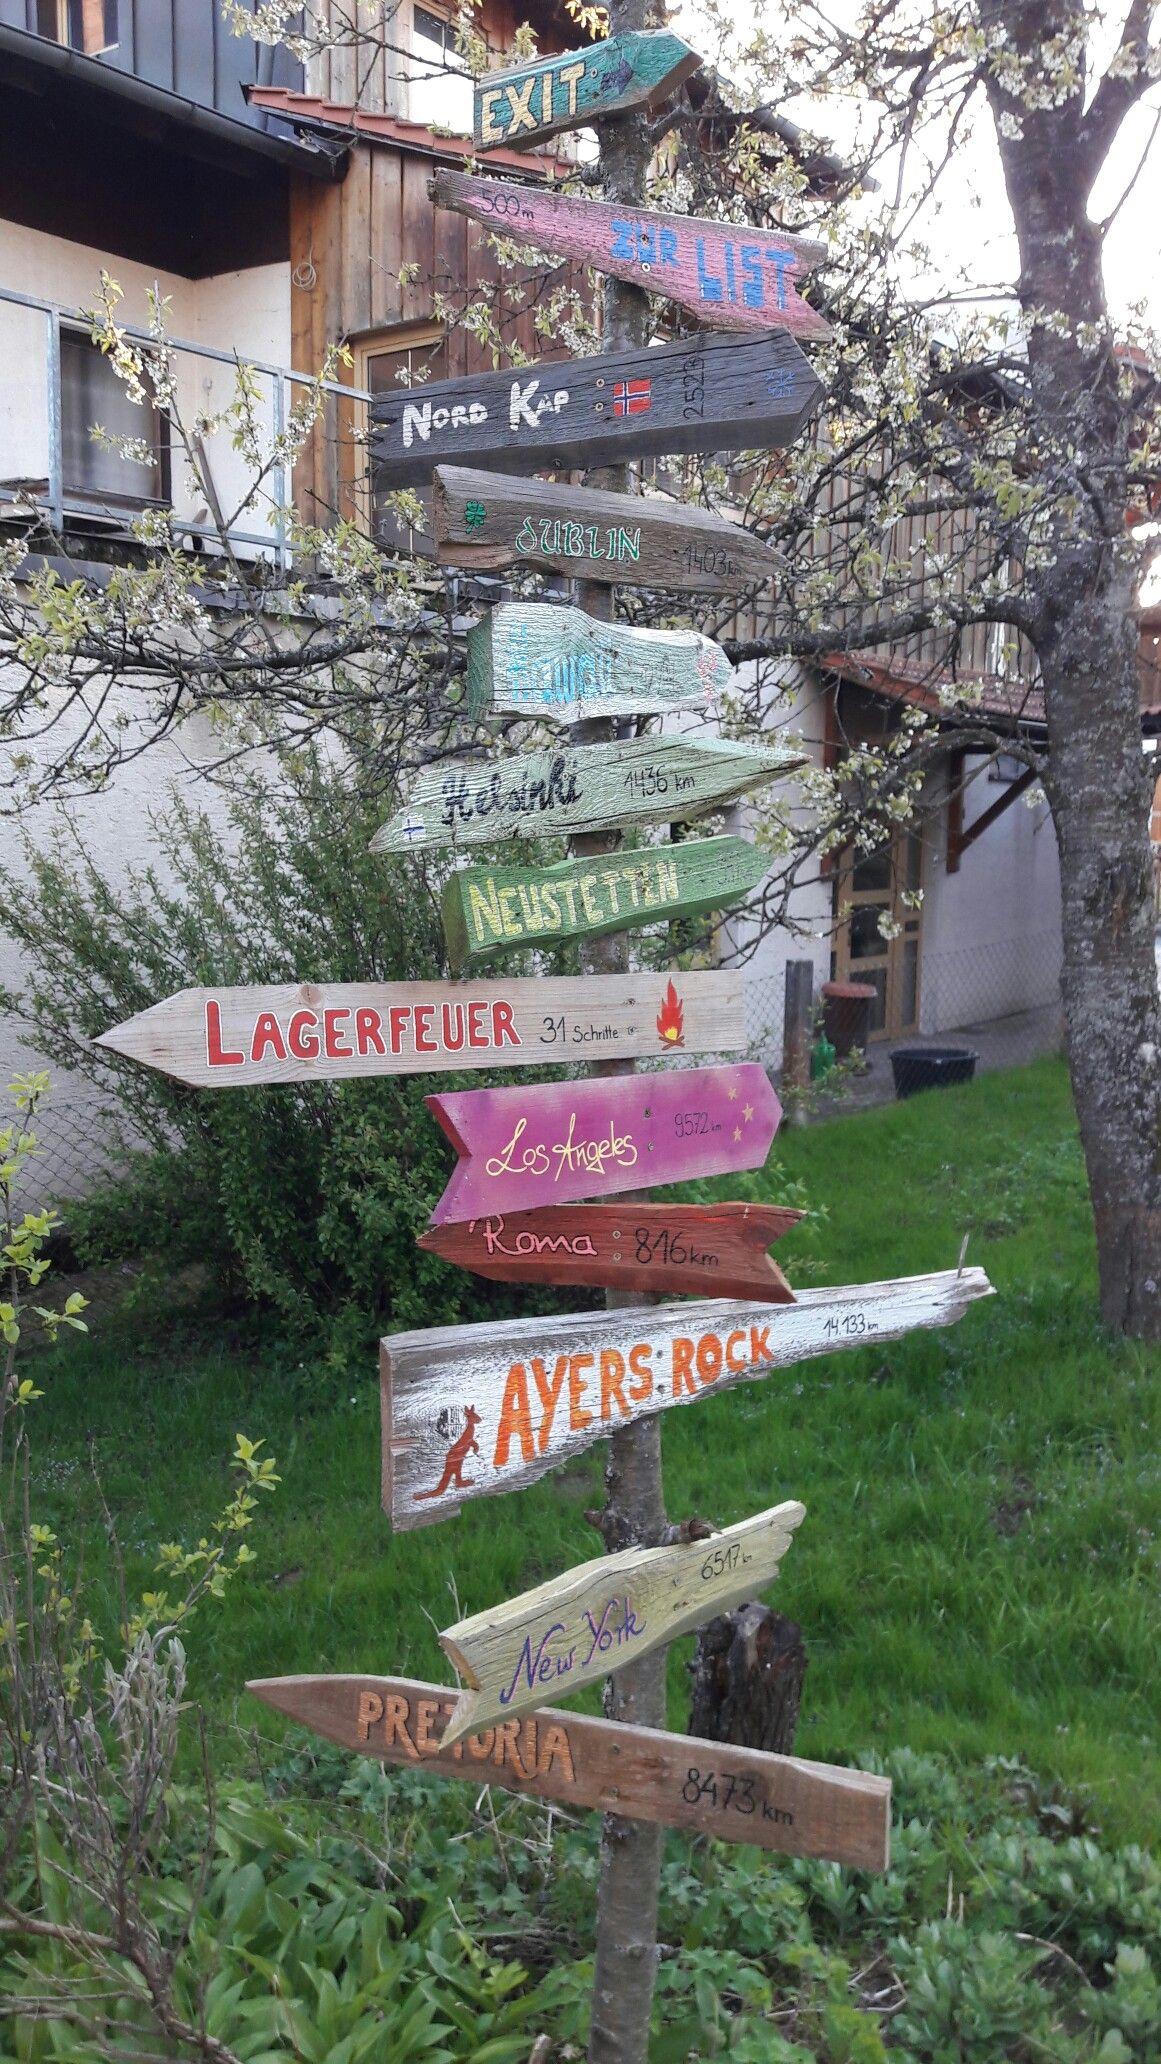 Wegweiser ❤ tolle Gartendeko und ja Ayers Rock zeigt in die falsche Richtung, muss ich bei Gelegenheit noch korrigieren #terassegestalten